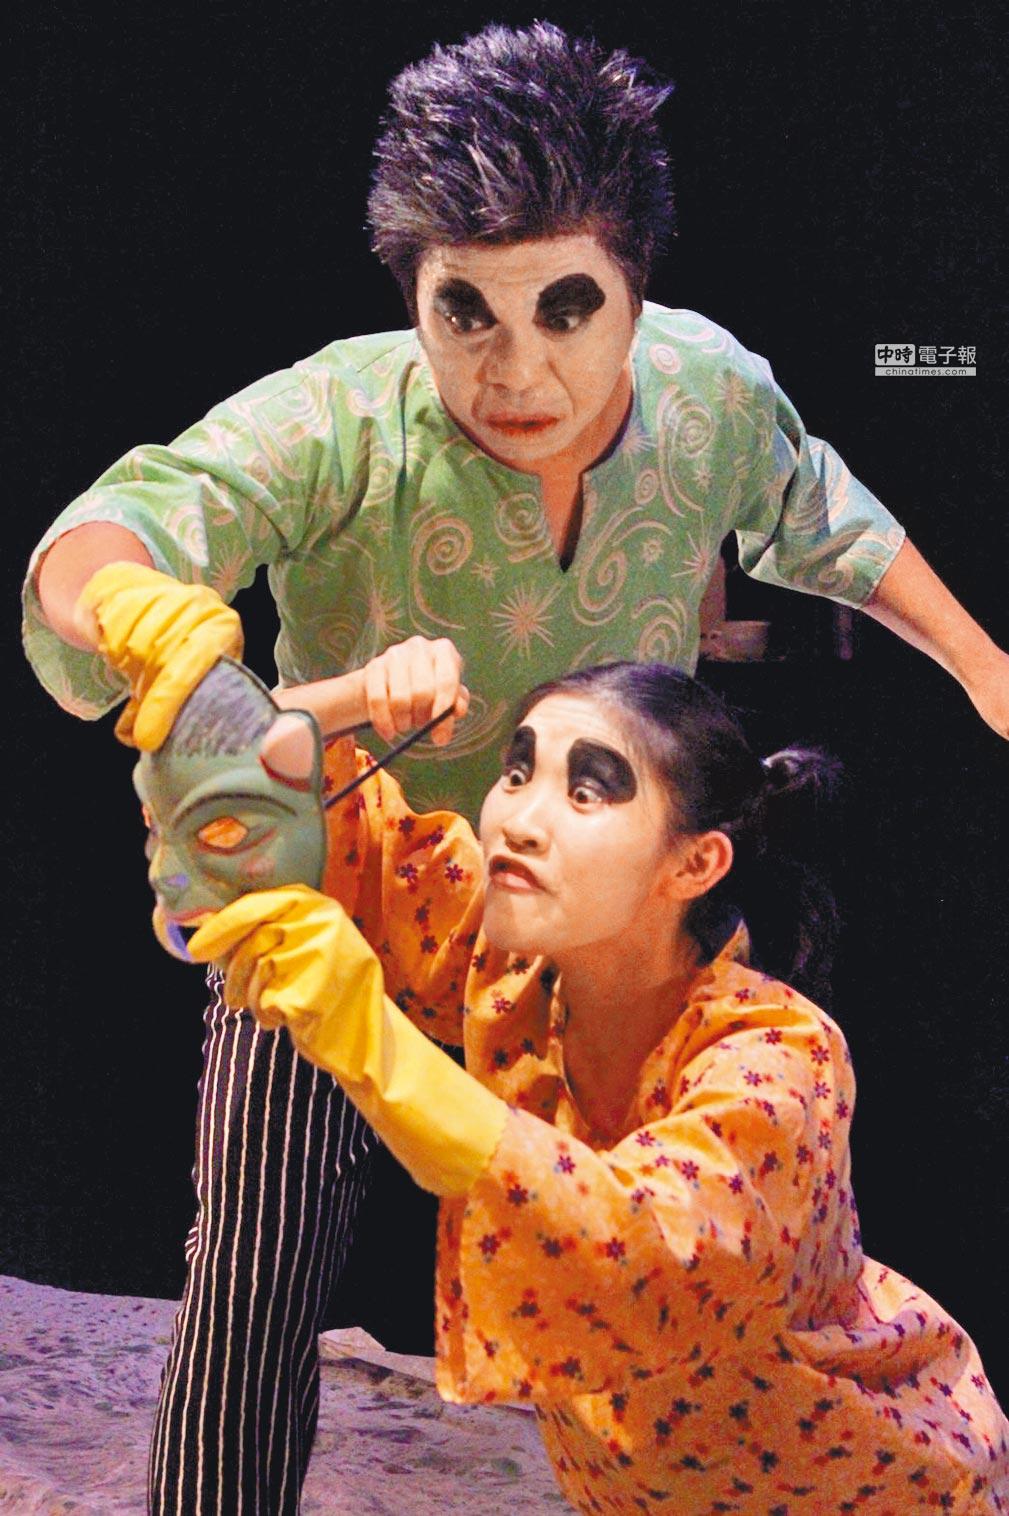 來自馬來西亞的卜卜劇場,以改編經典劇作的《下人》隱喻馬來西亞的社會困境。(卜卜劇場提供)